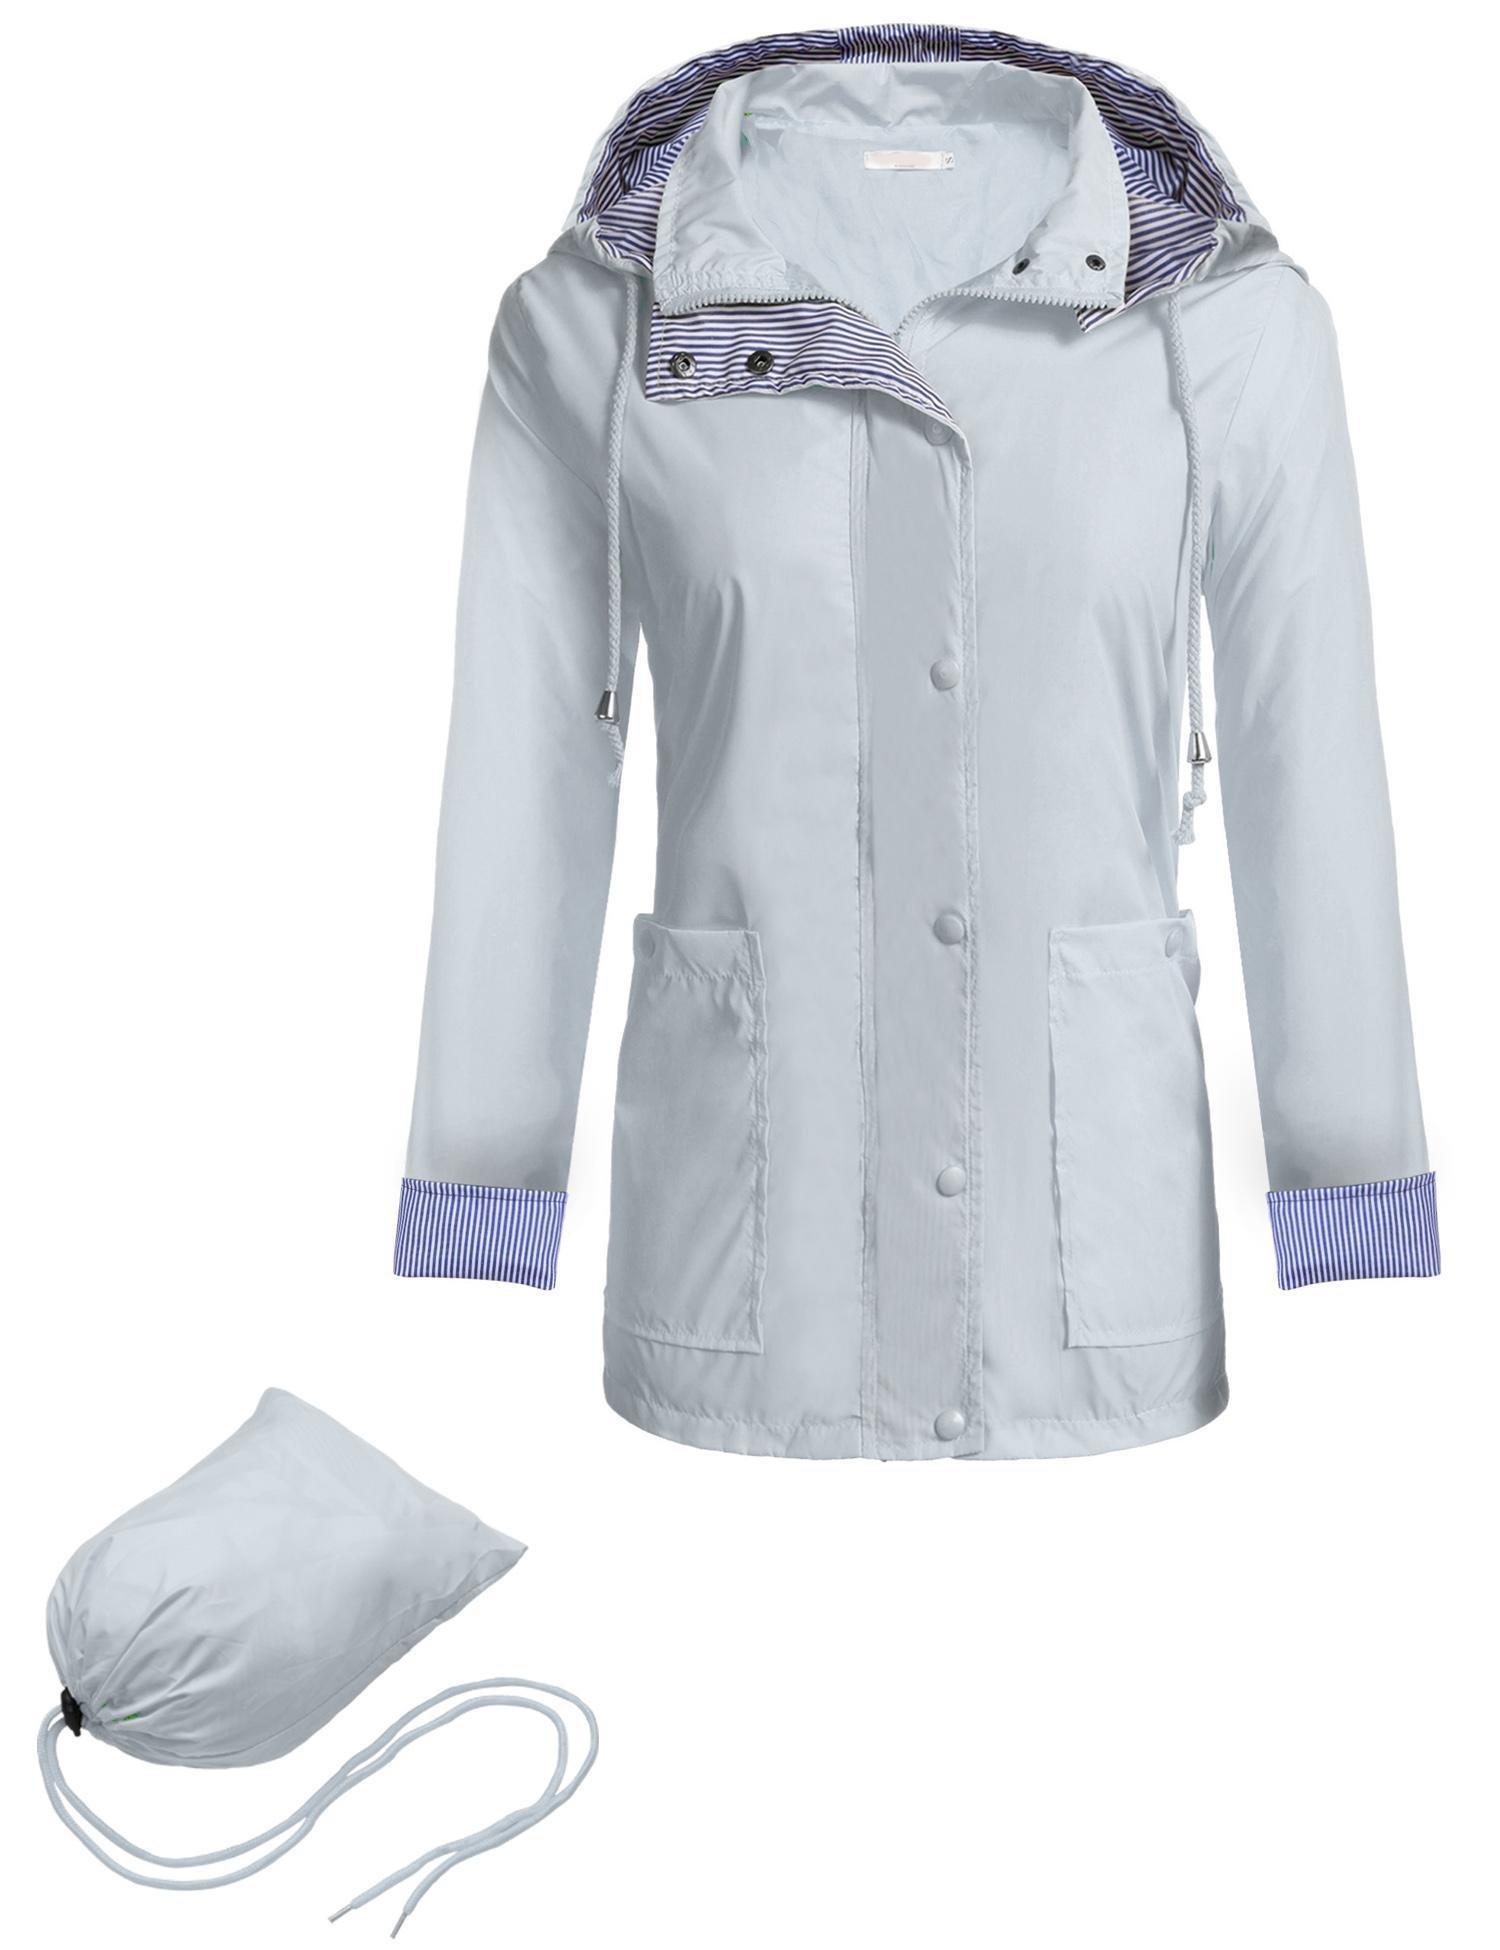 Zeagoo Women Hooded Waterproof Jacket Softshell Packable Sportswear,Style 1 Light Gray,Large